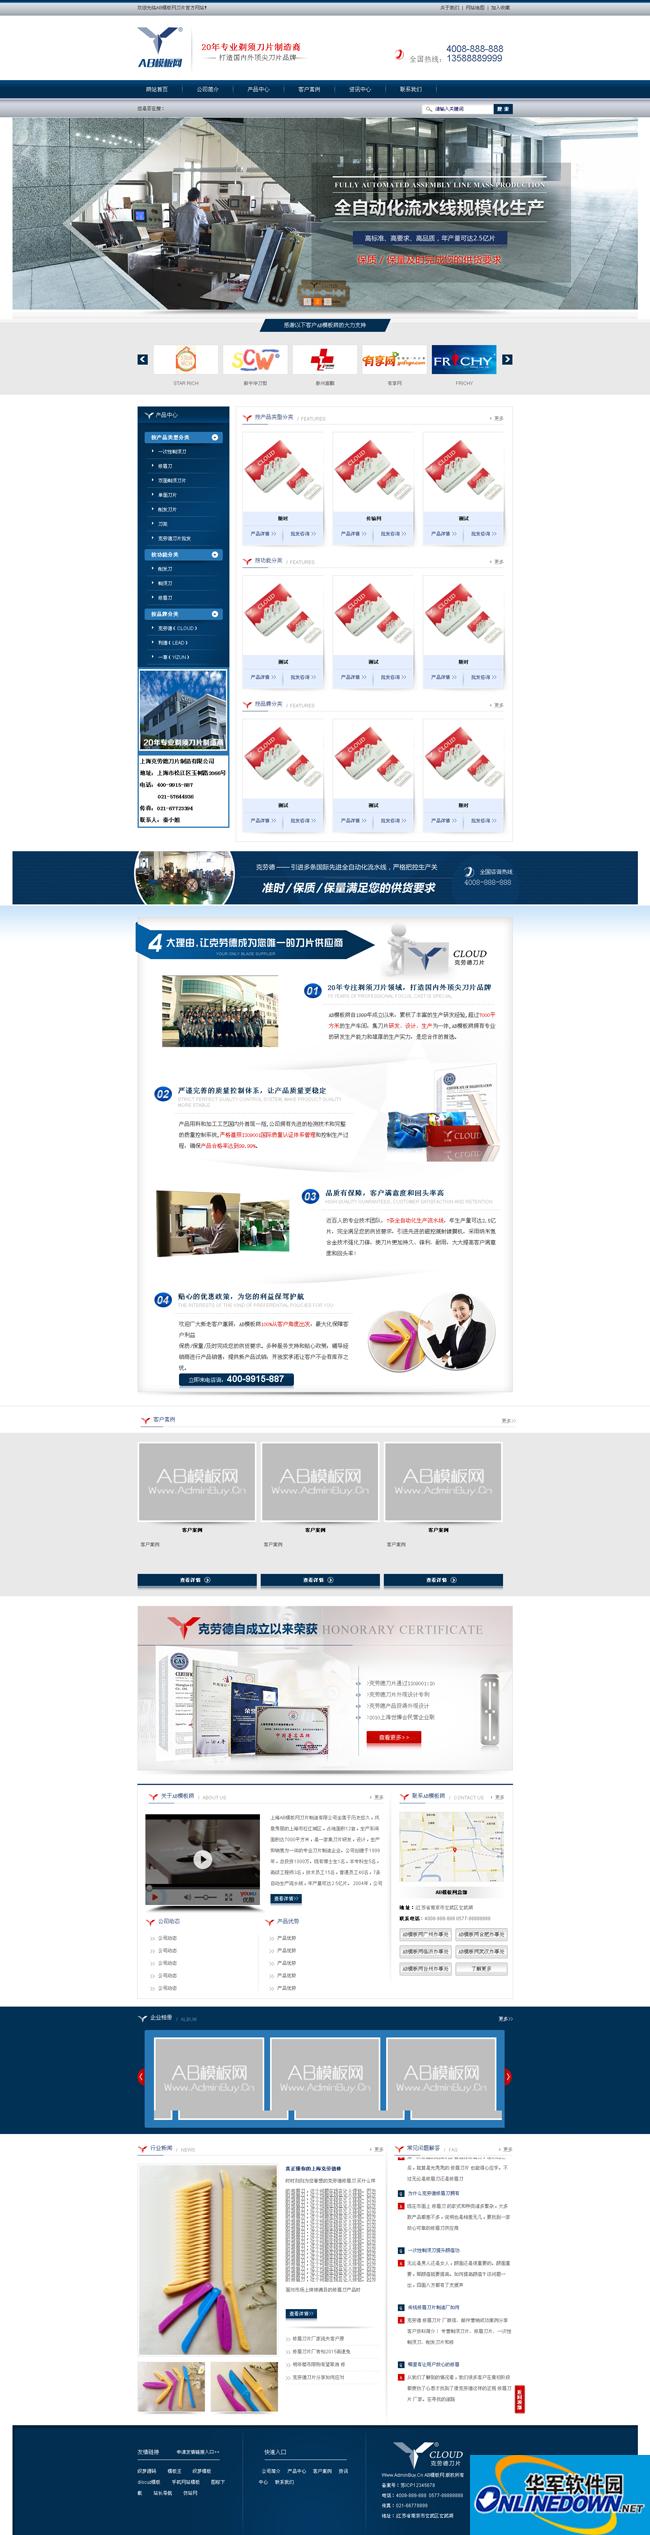 蓝色营销型剃须刀片类企业网站织梦模板 5.7